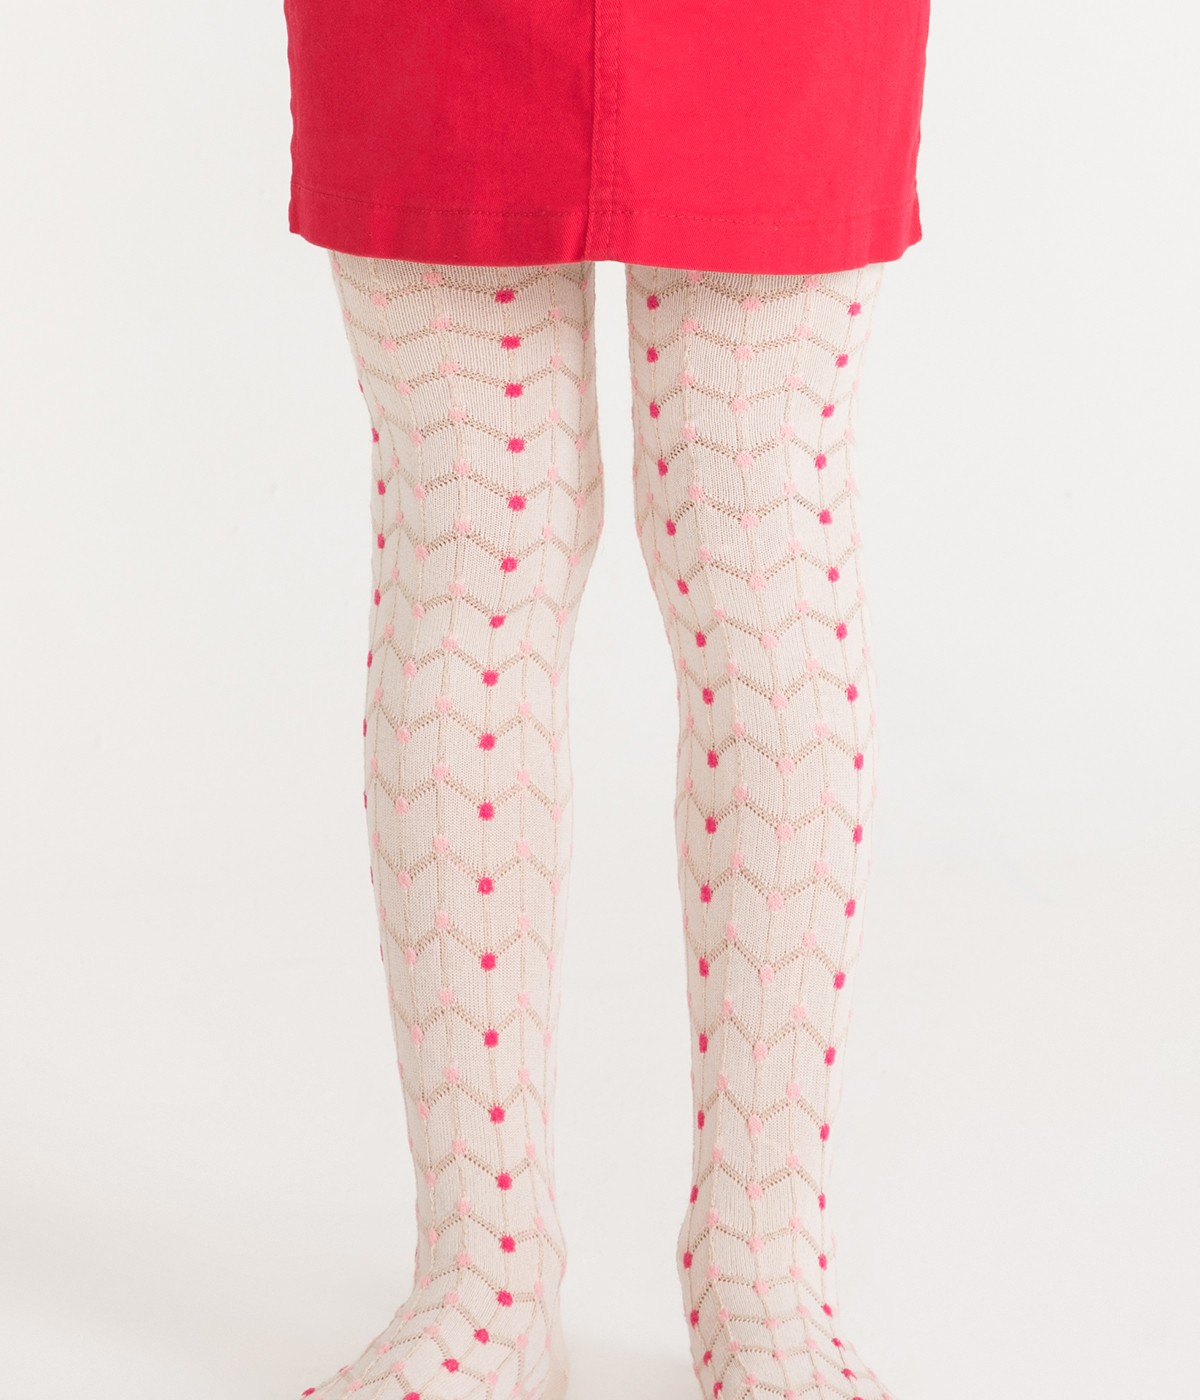 Ciorapi Cu Chilot Pretty Spotty